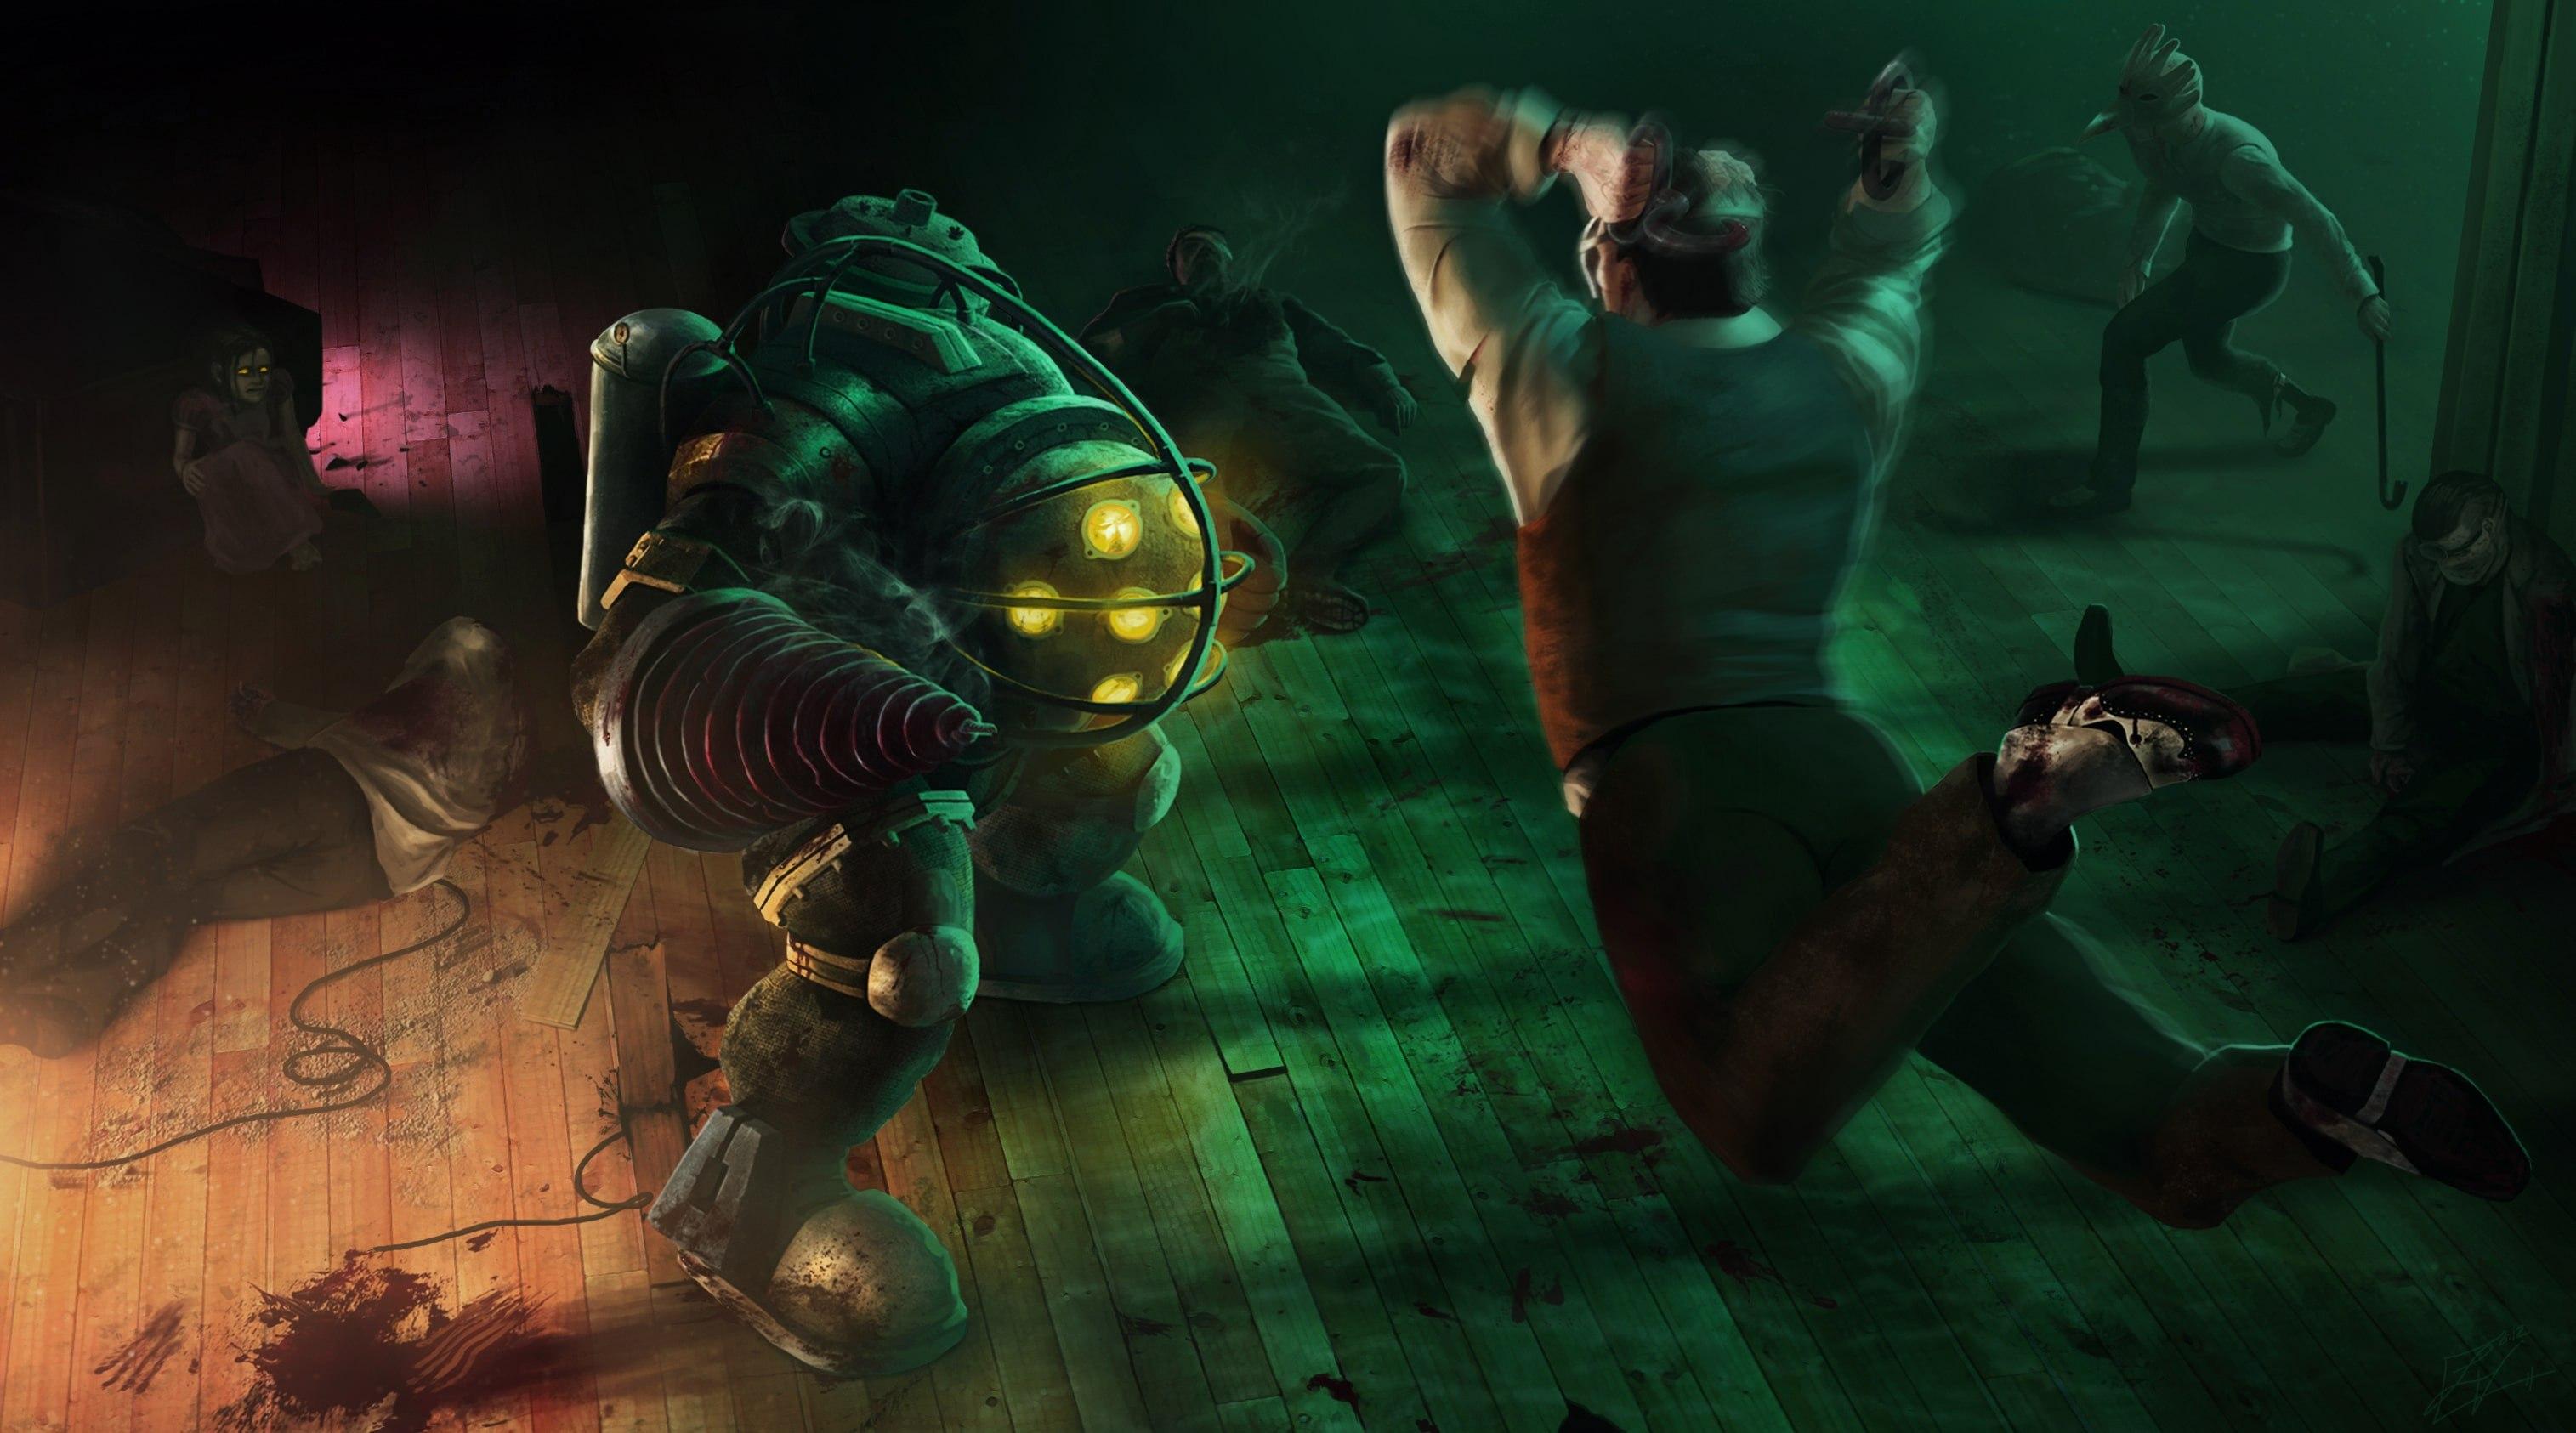 سی دی کی اریجینال استیم بازی BioShock 2 Remastered